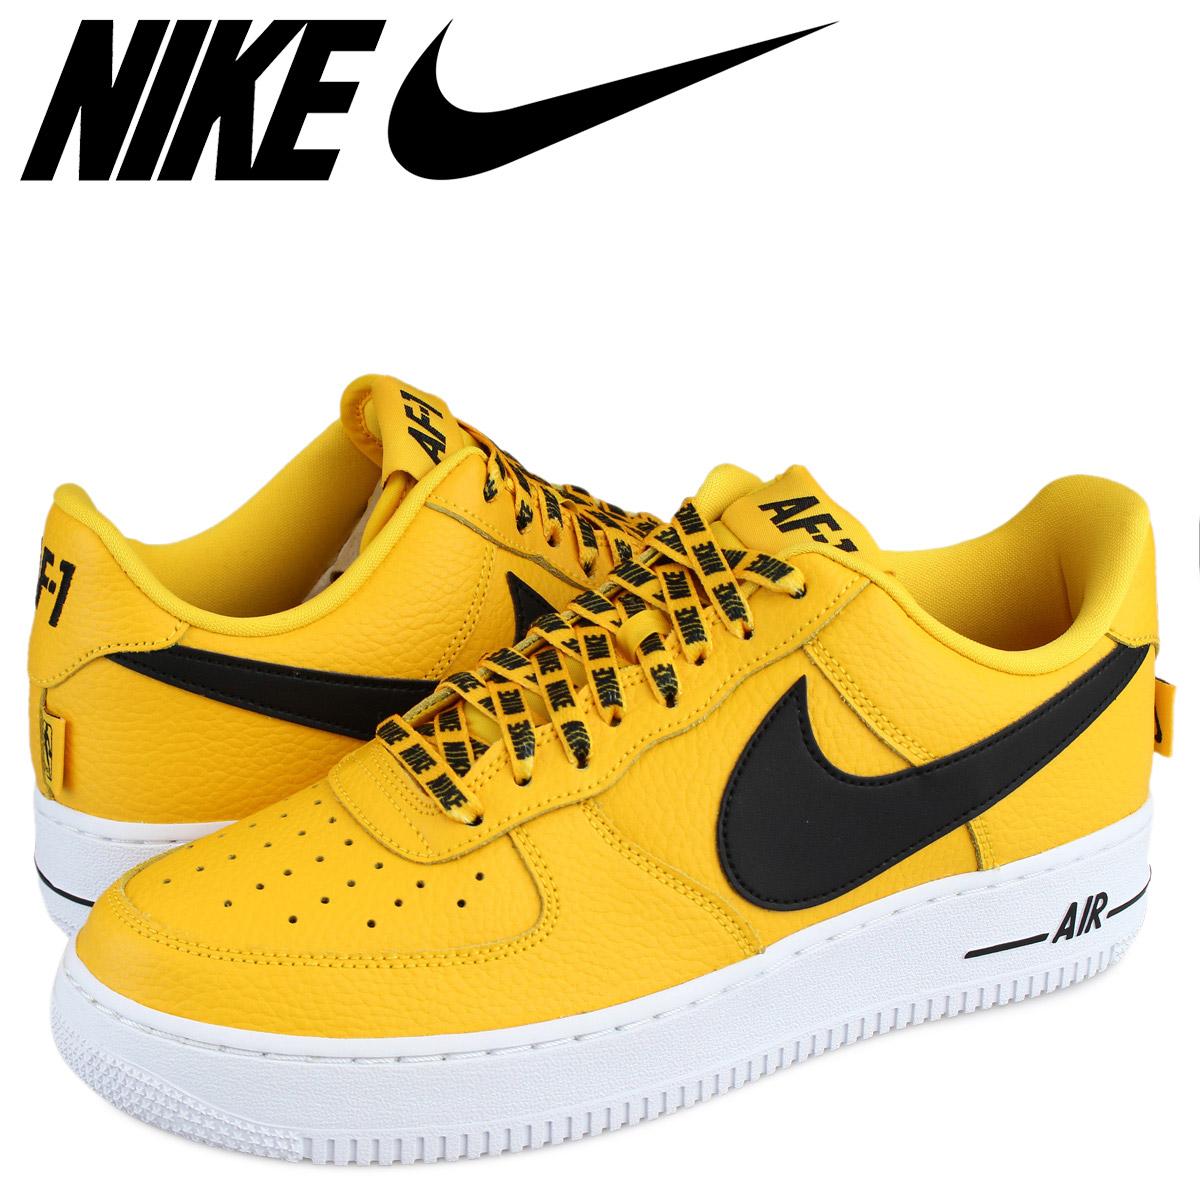 Nike NIKE air force 1 07 LV8 sneakers AIR FORCE 1 NBA 823,511 701 men's yellow